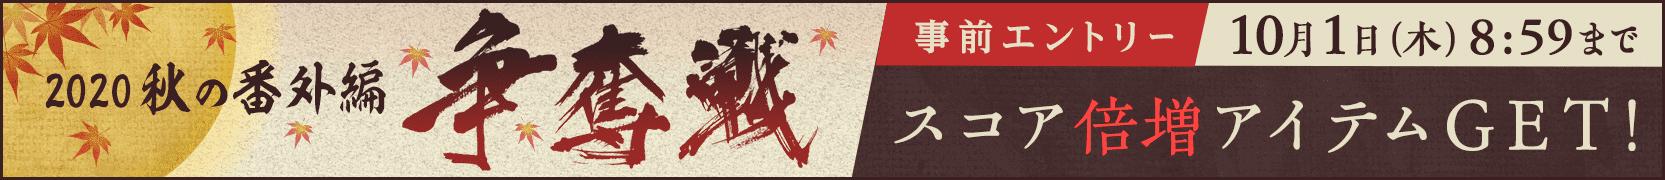 争奪戦2020秋の番外編(事前エントリー)